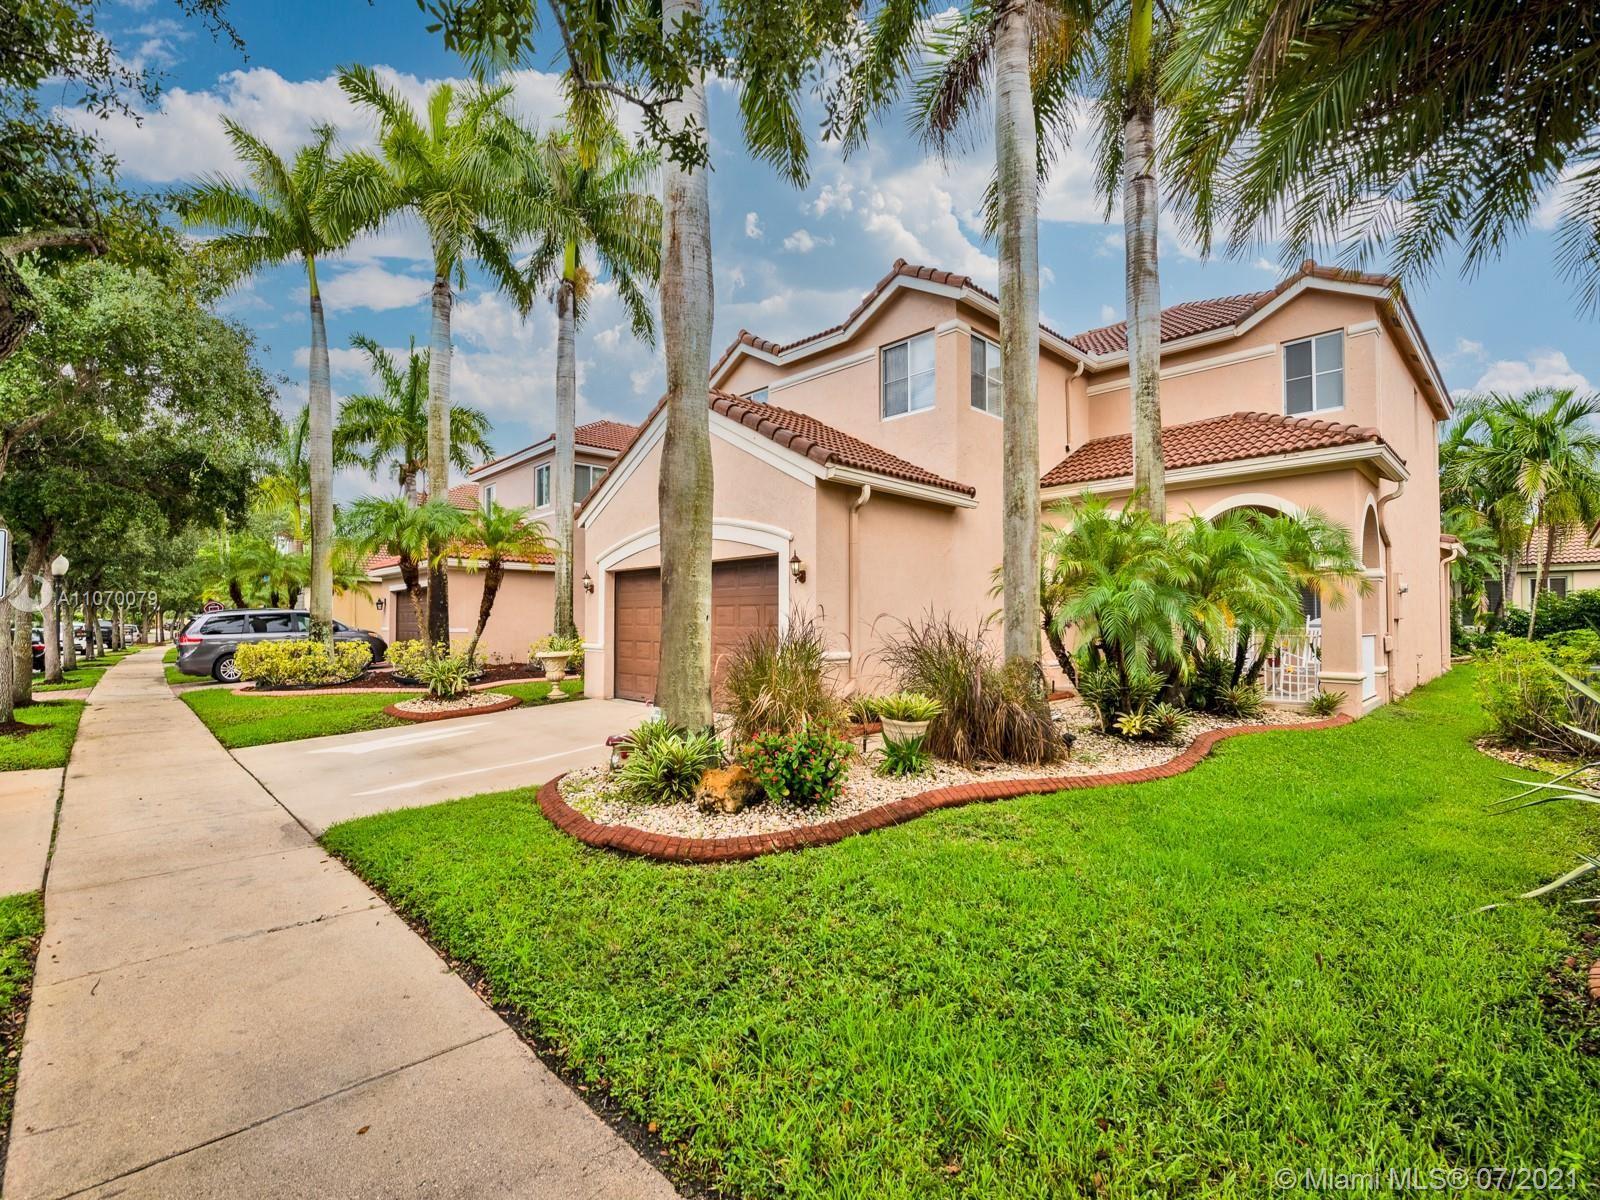 624 Bald Cypress Rd, Weston, FL 33327 - #: A11070079